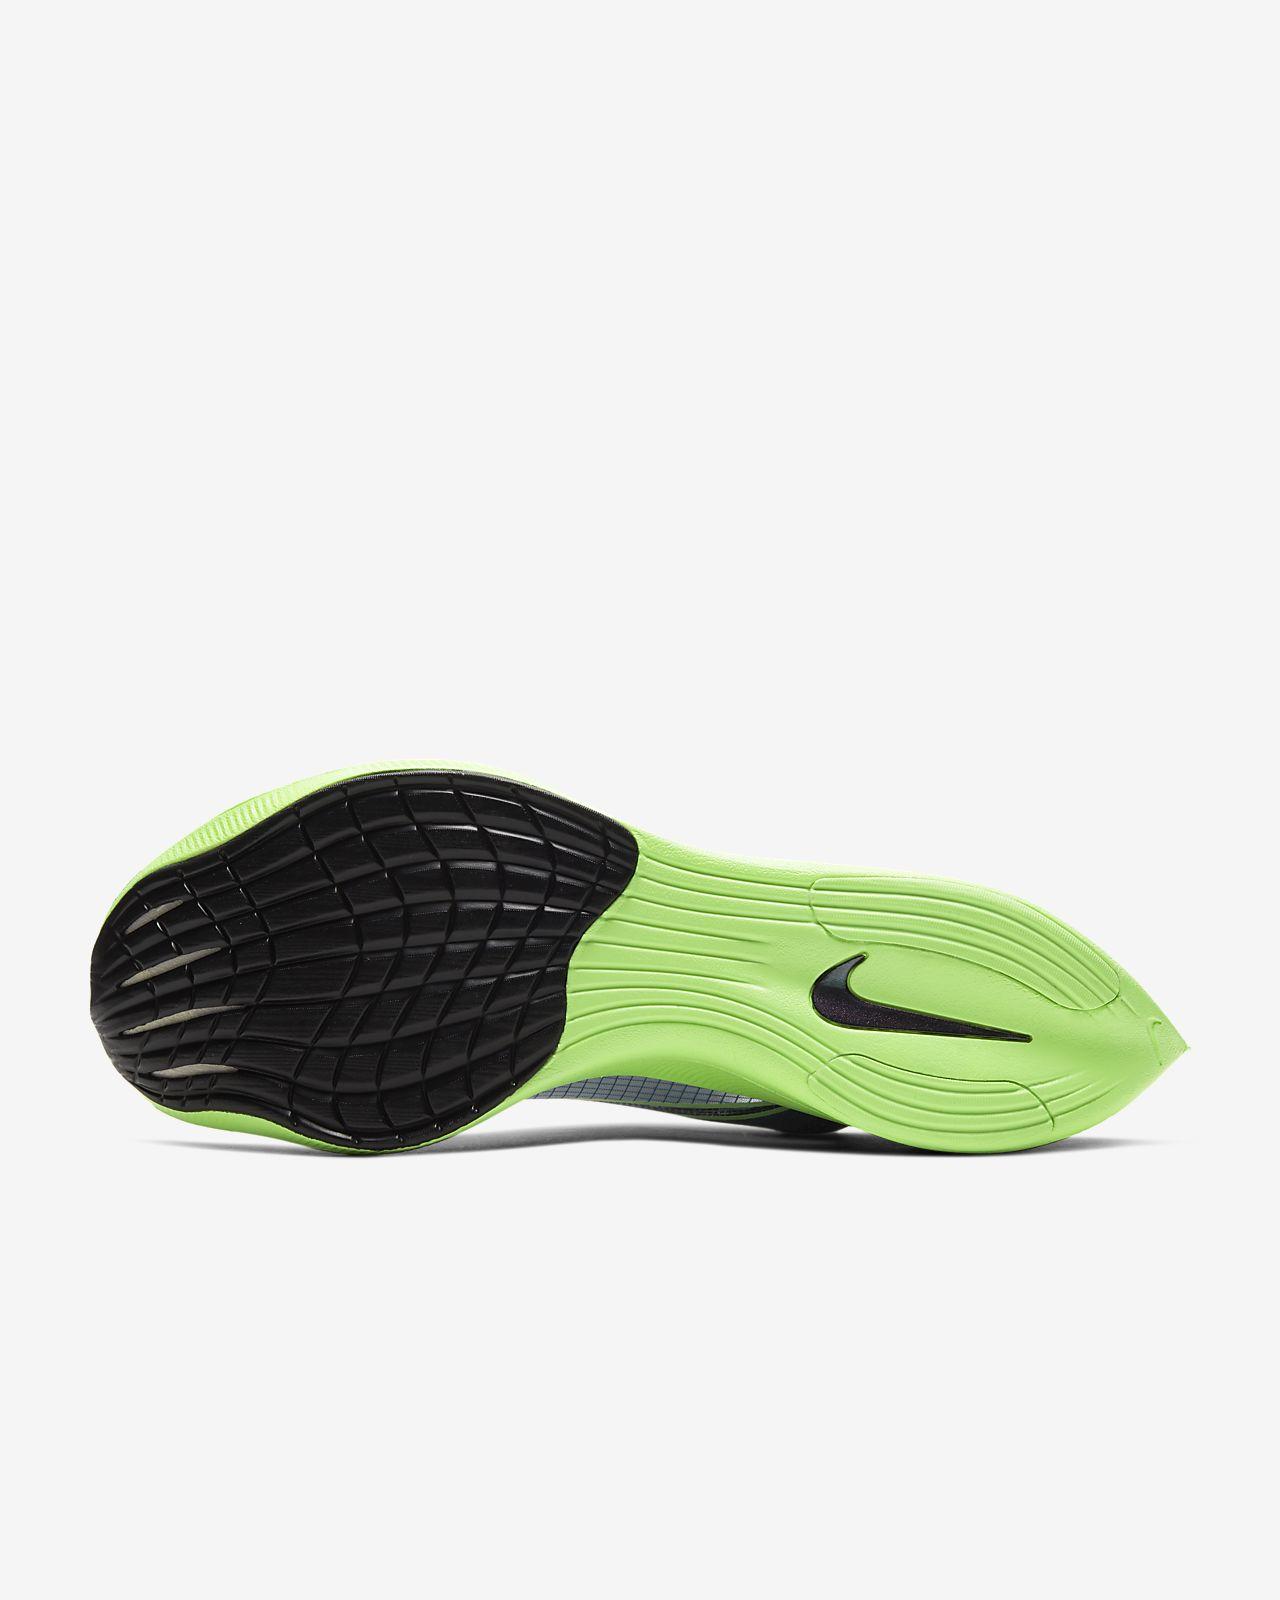 China lança sapatilhas semelhantes às Nike Vaporfly Next